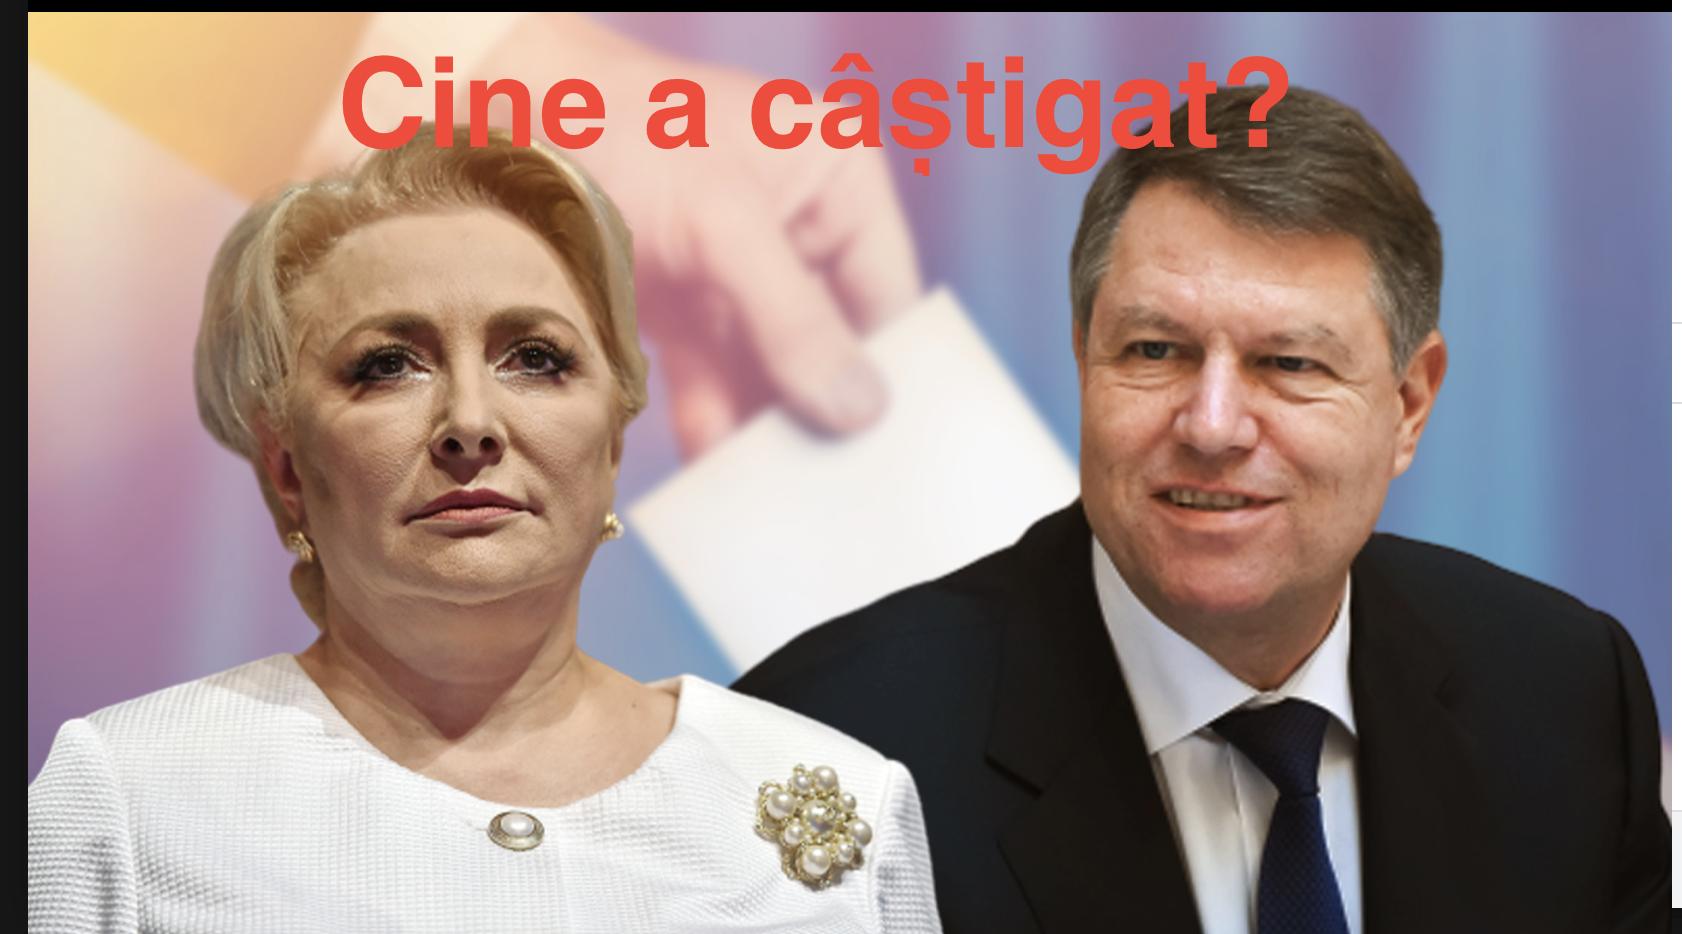 Incredibil! Admiratorii lui Mihai Gâdea și Rareș Bogdan dau același câștigător al dezbaterii de aseară